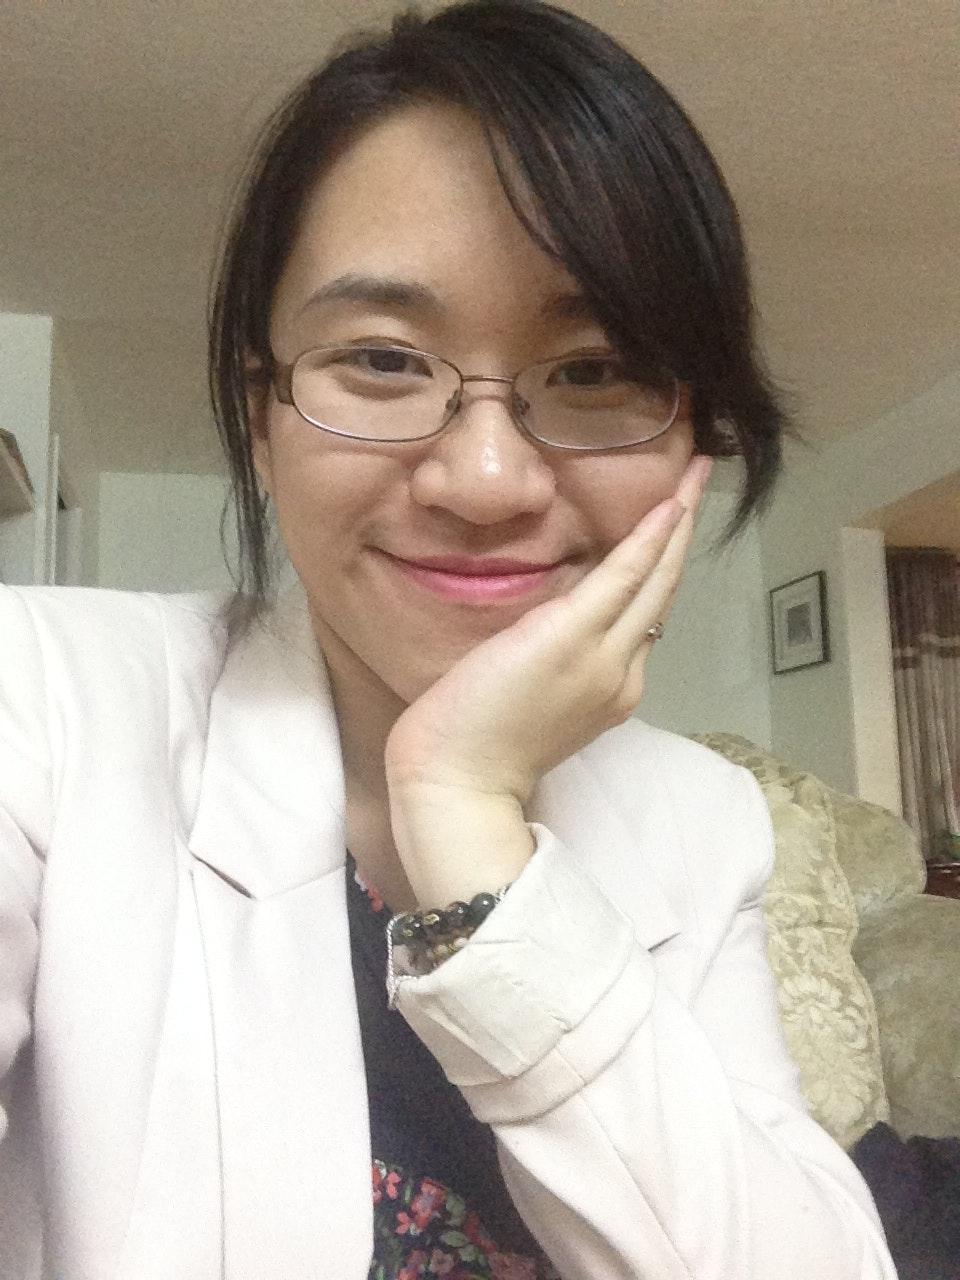 Hoa Quynh Le